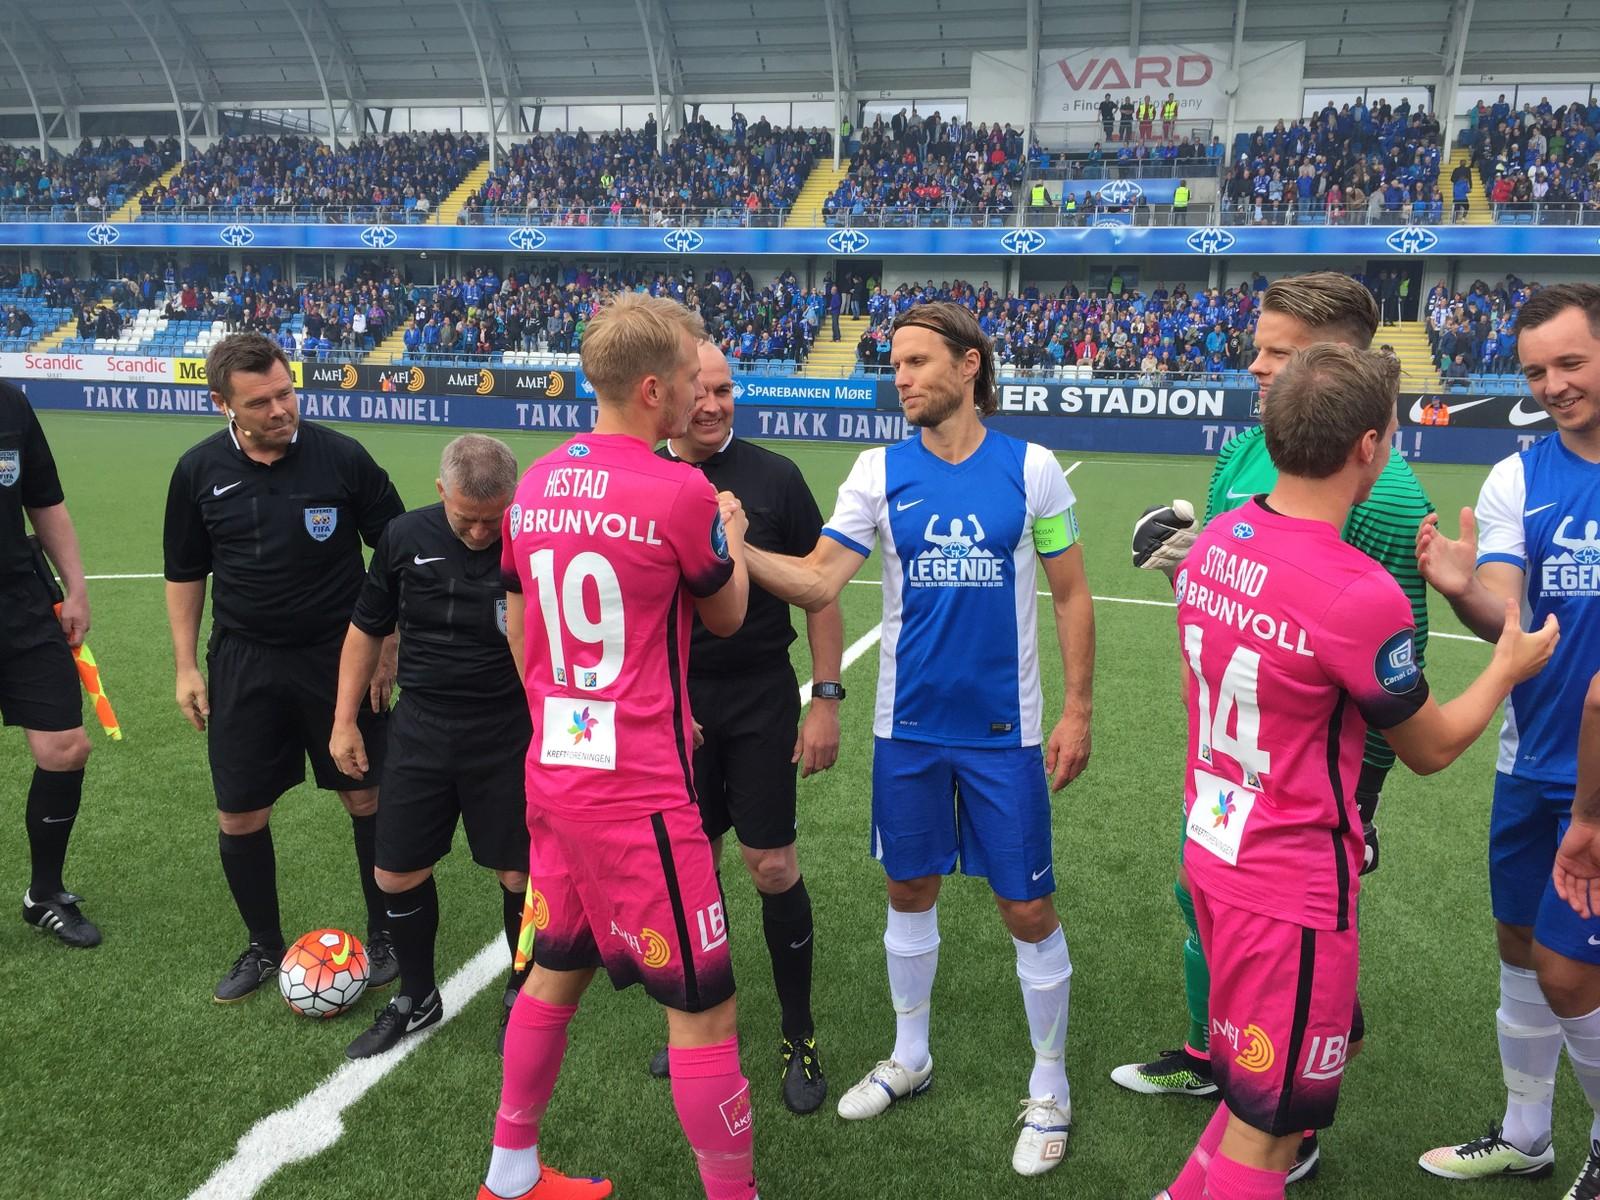 KLAR: Spillerne tar hverandre i hånden før kampen skal starte.